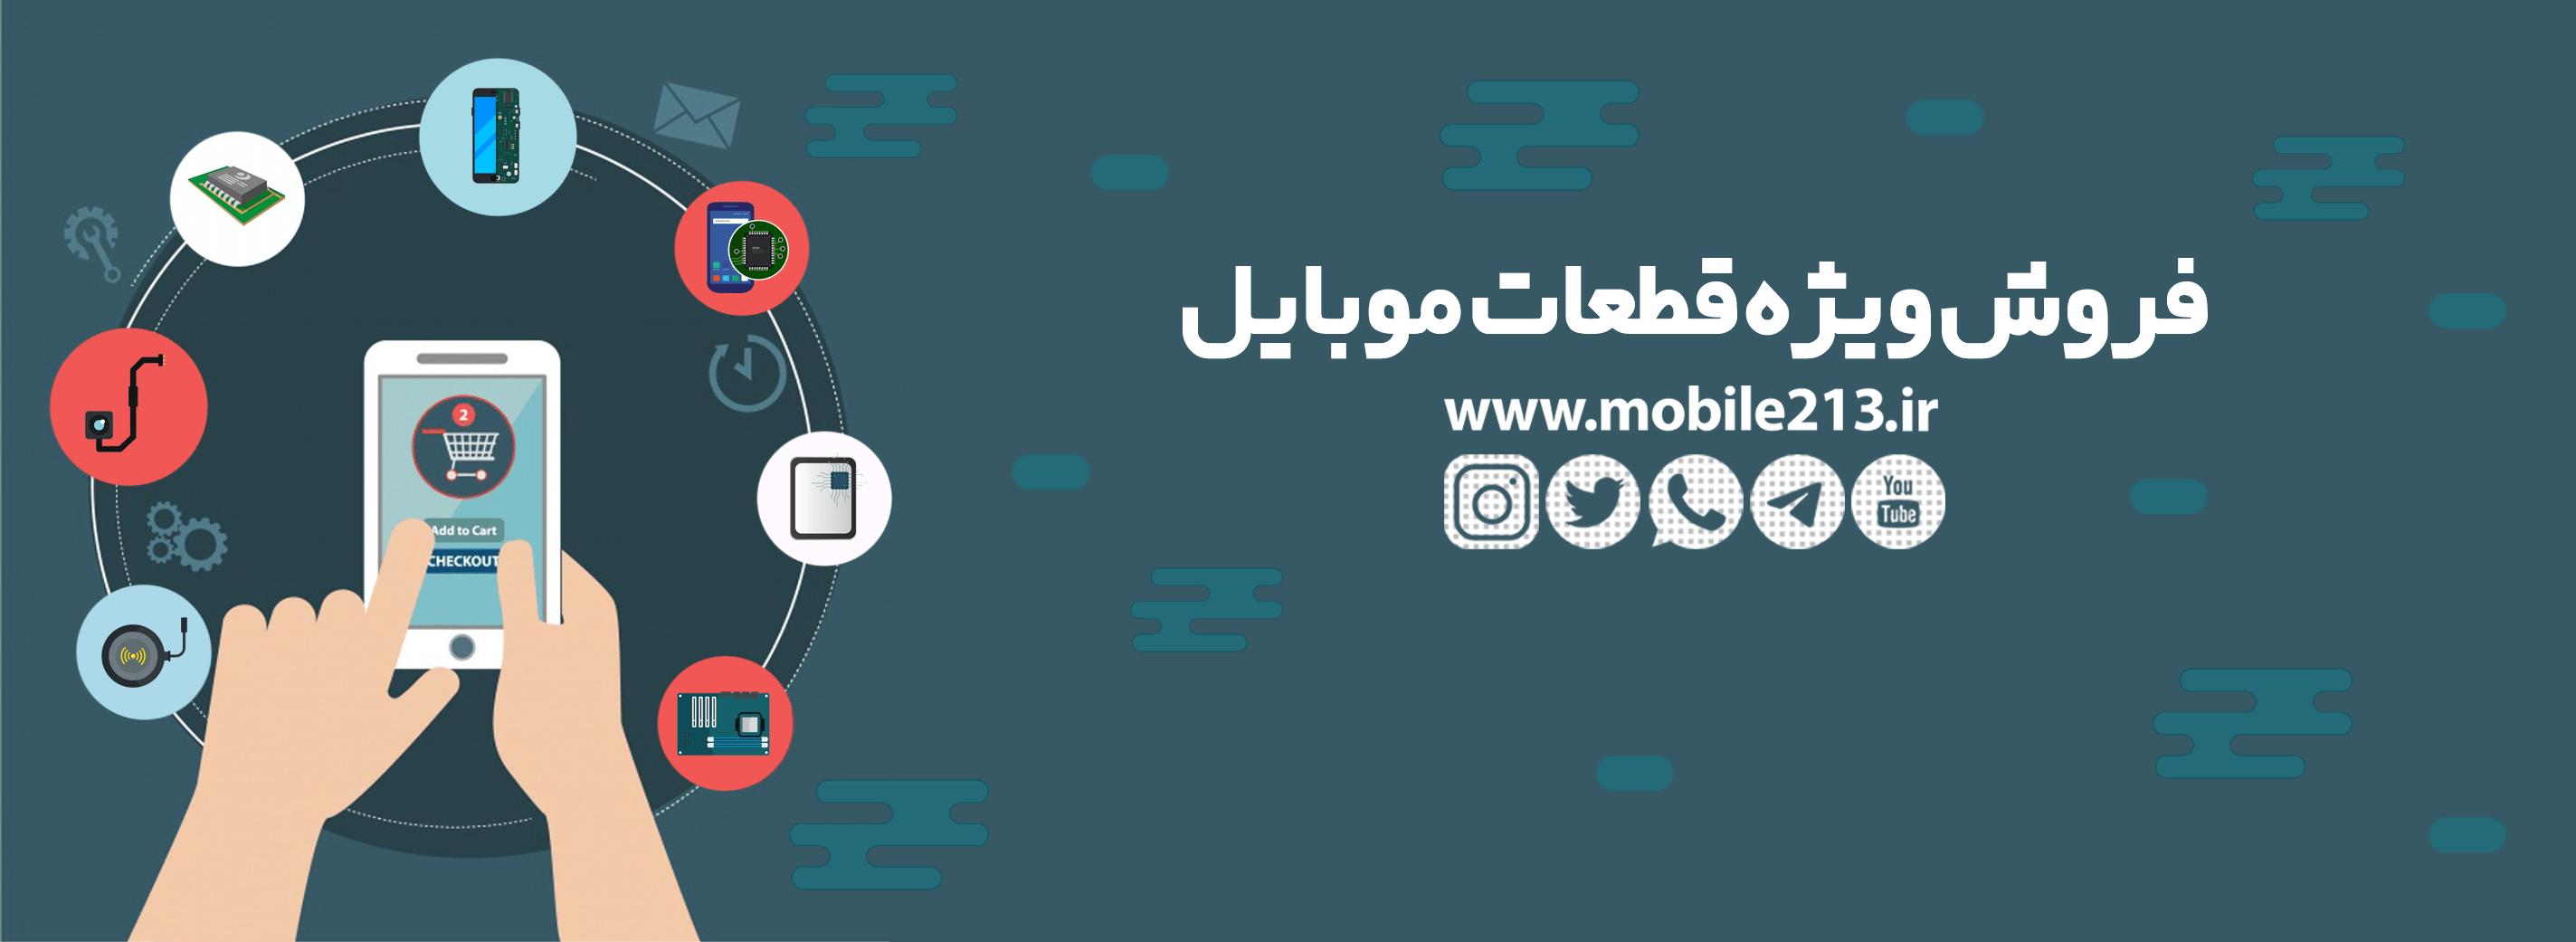 قطعات موبایل